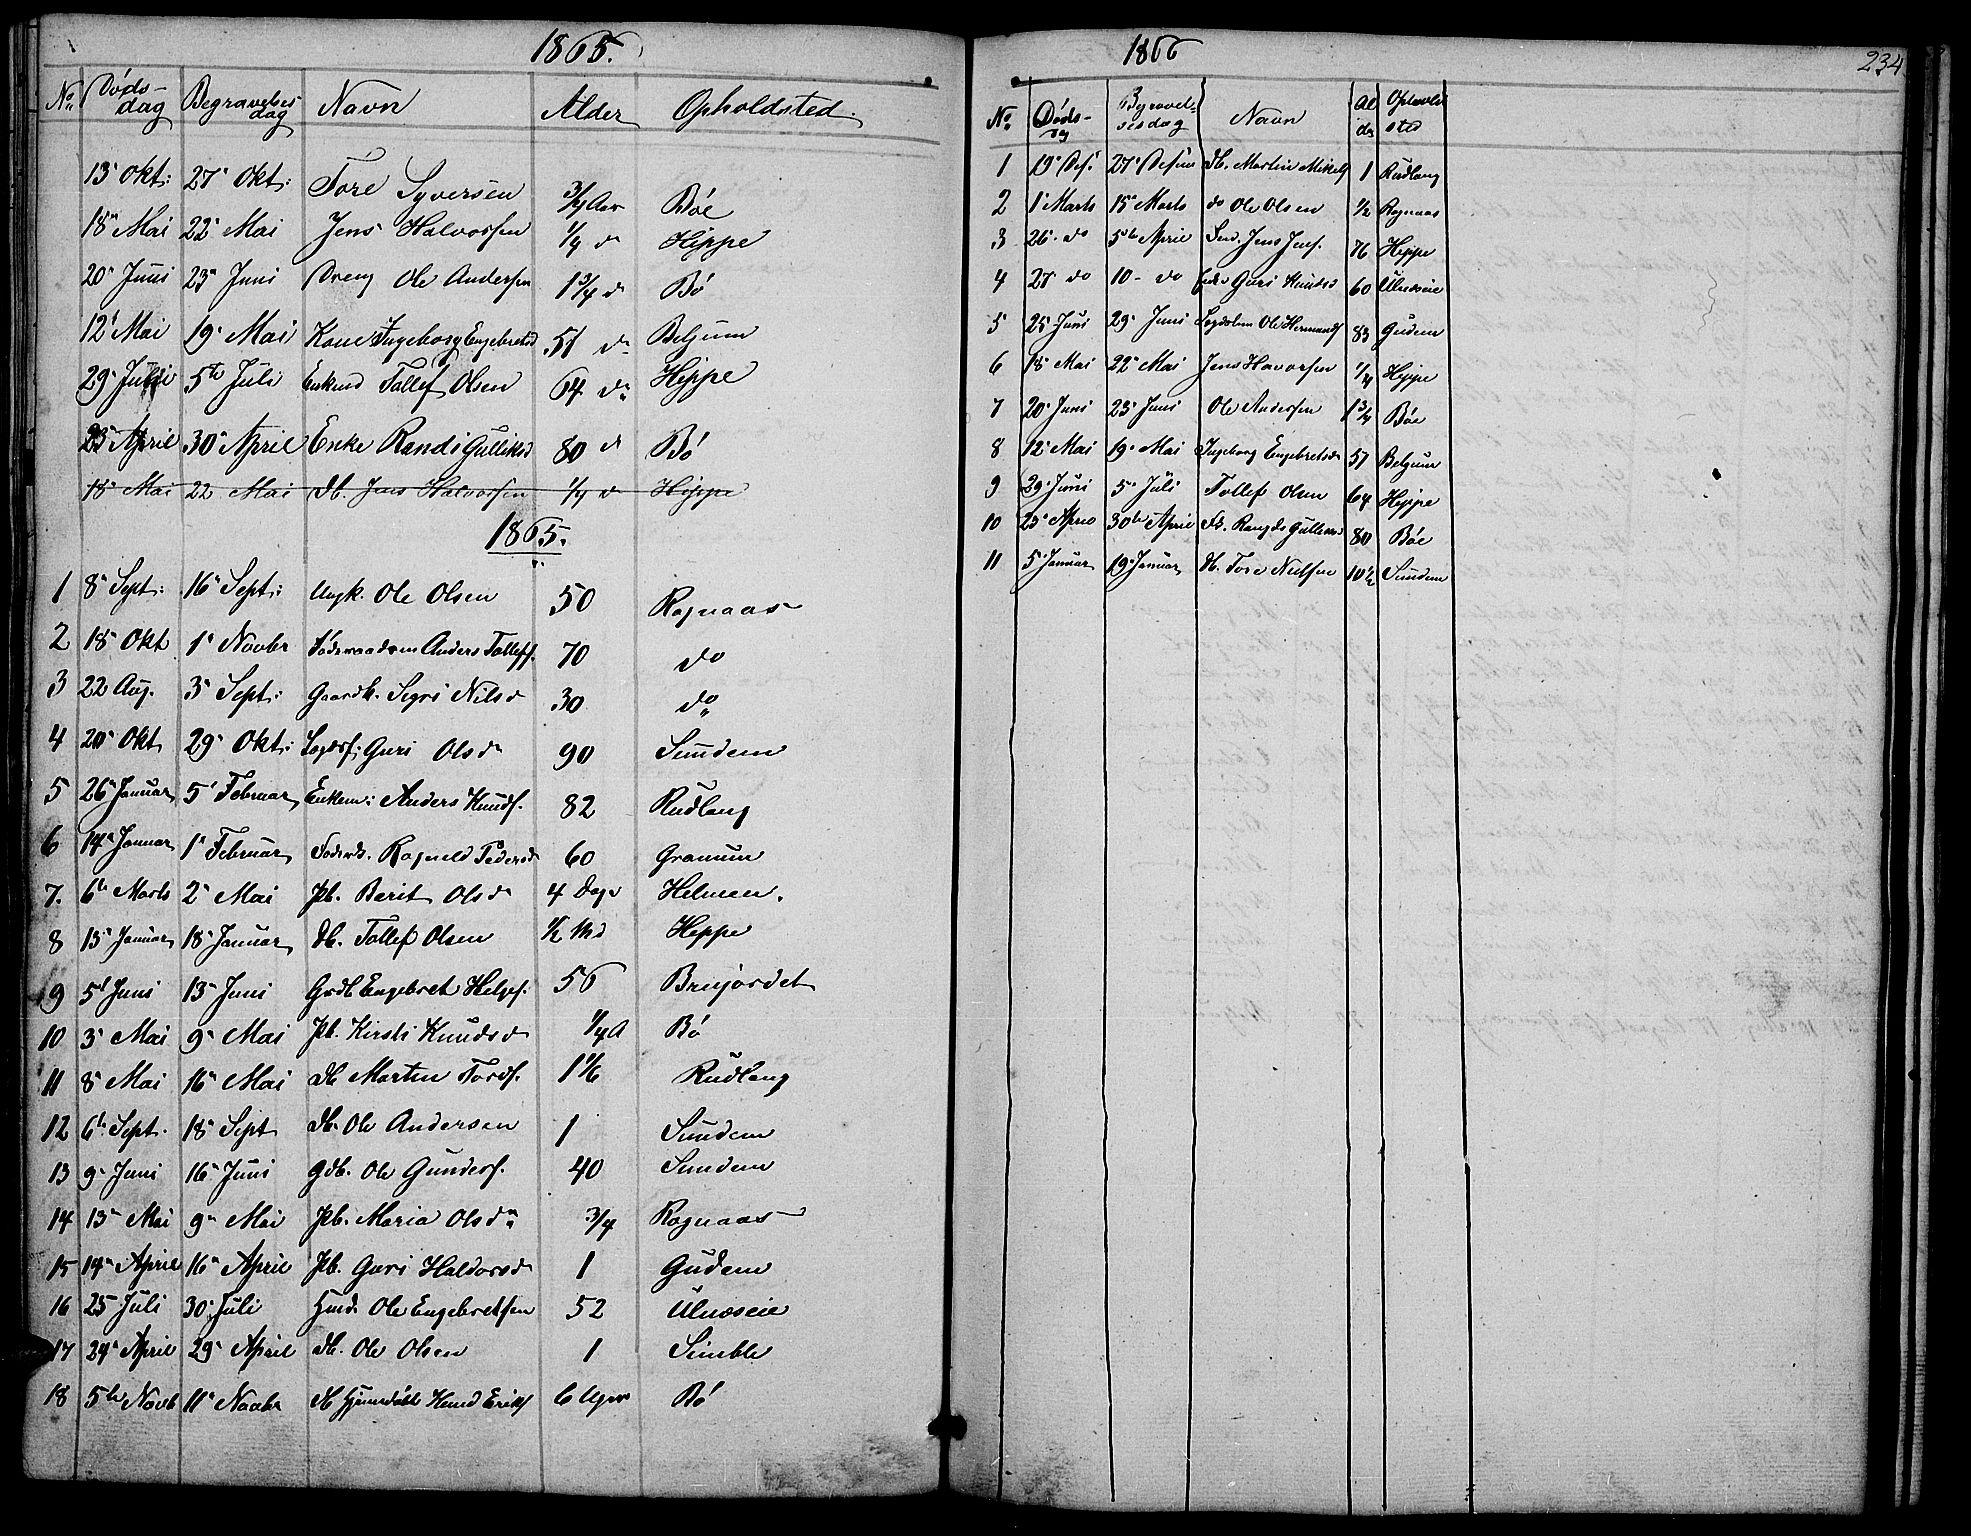 SAH, Nord-Aurdal prestekontor, Klokkerbok nr. 4, 1842-1882, s. 234